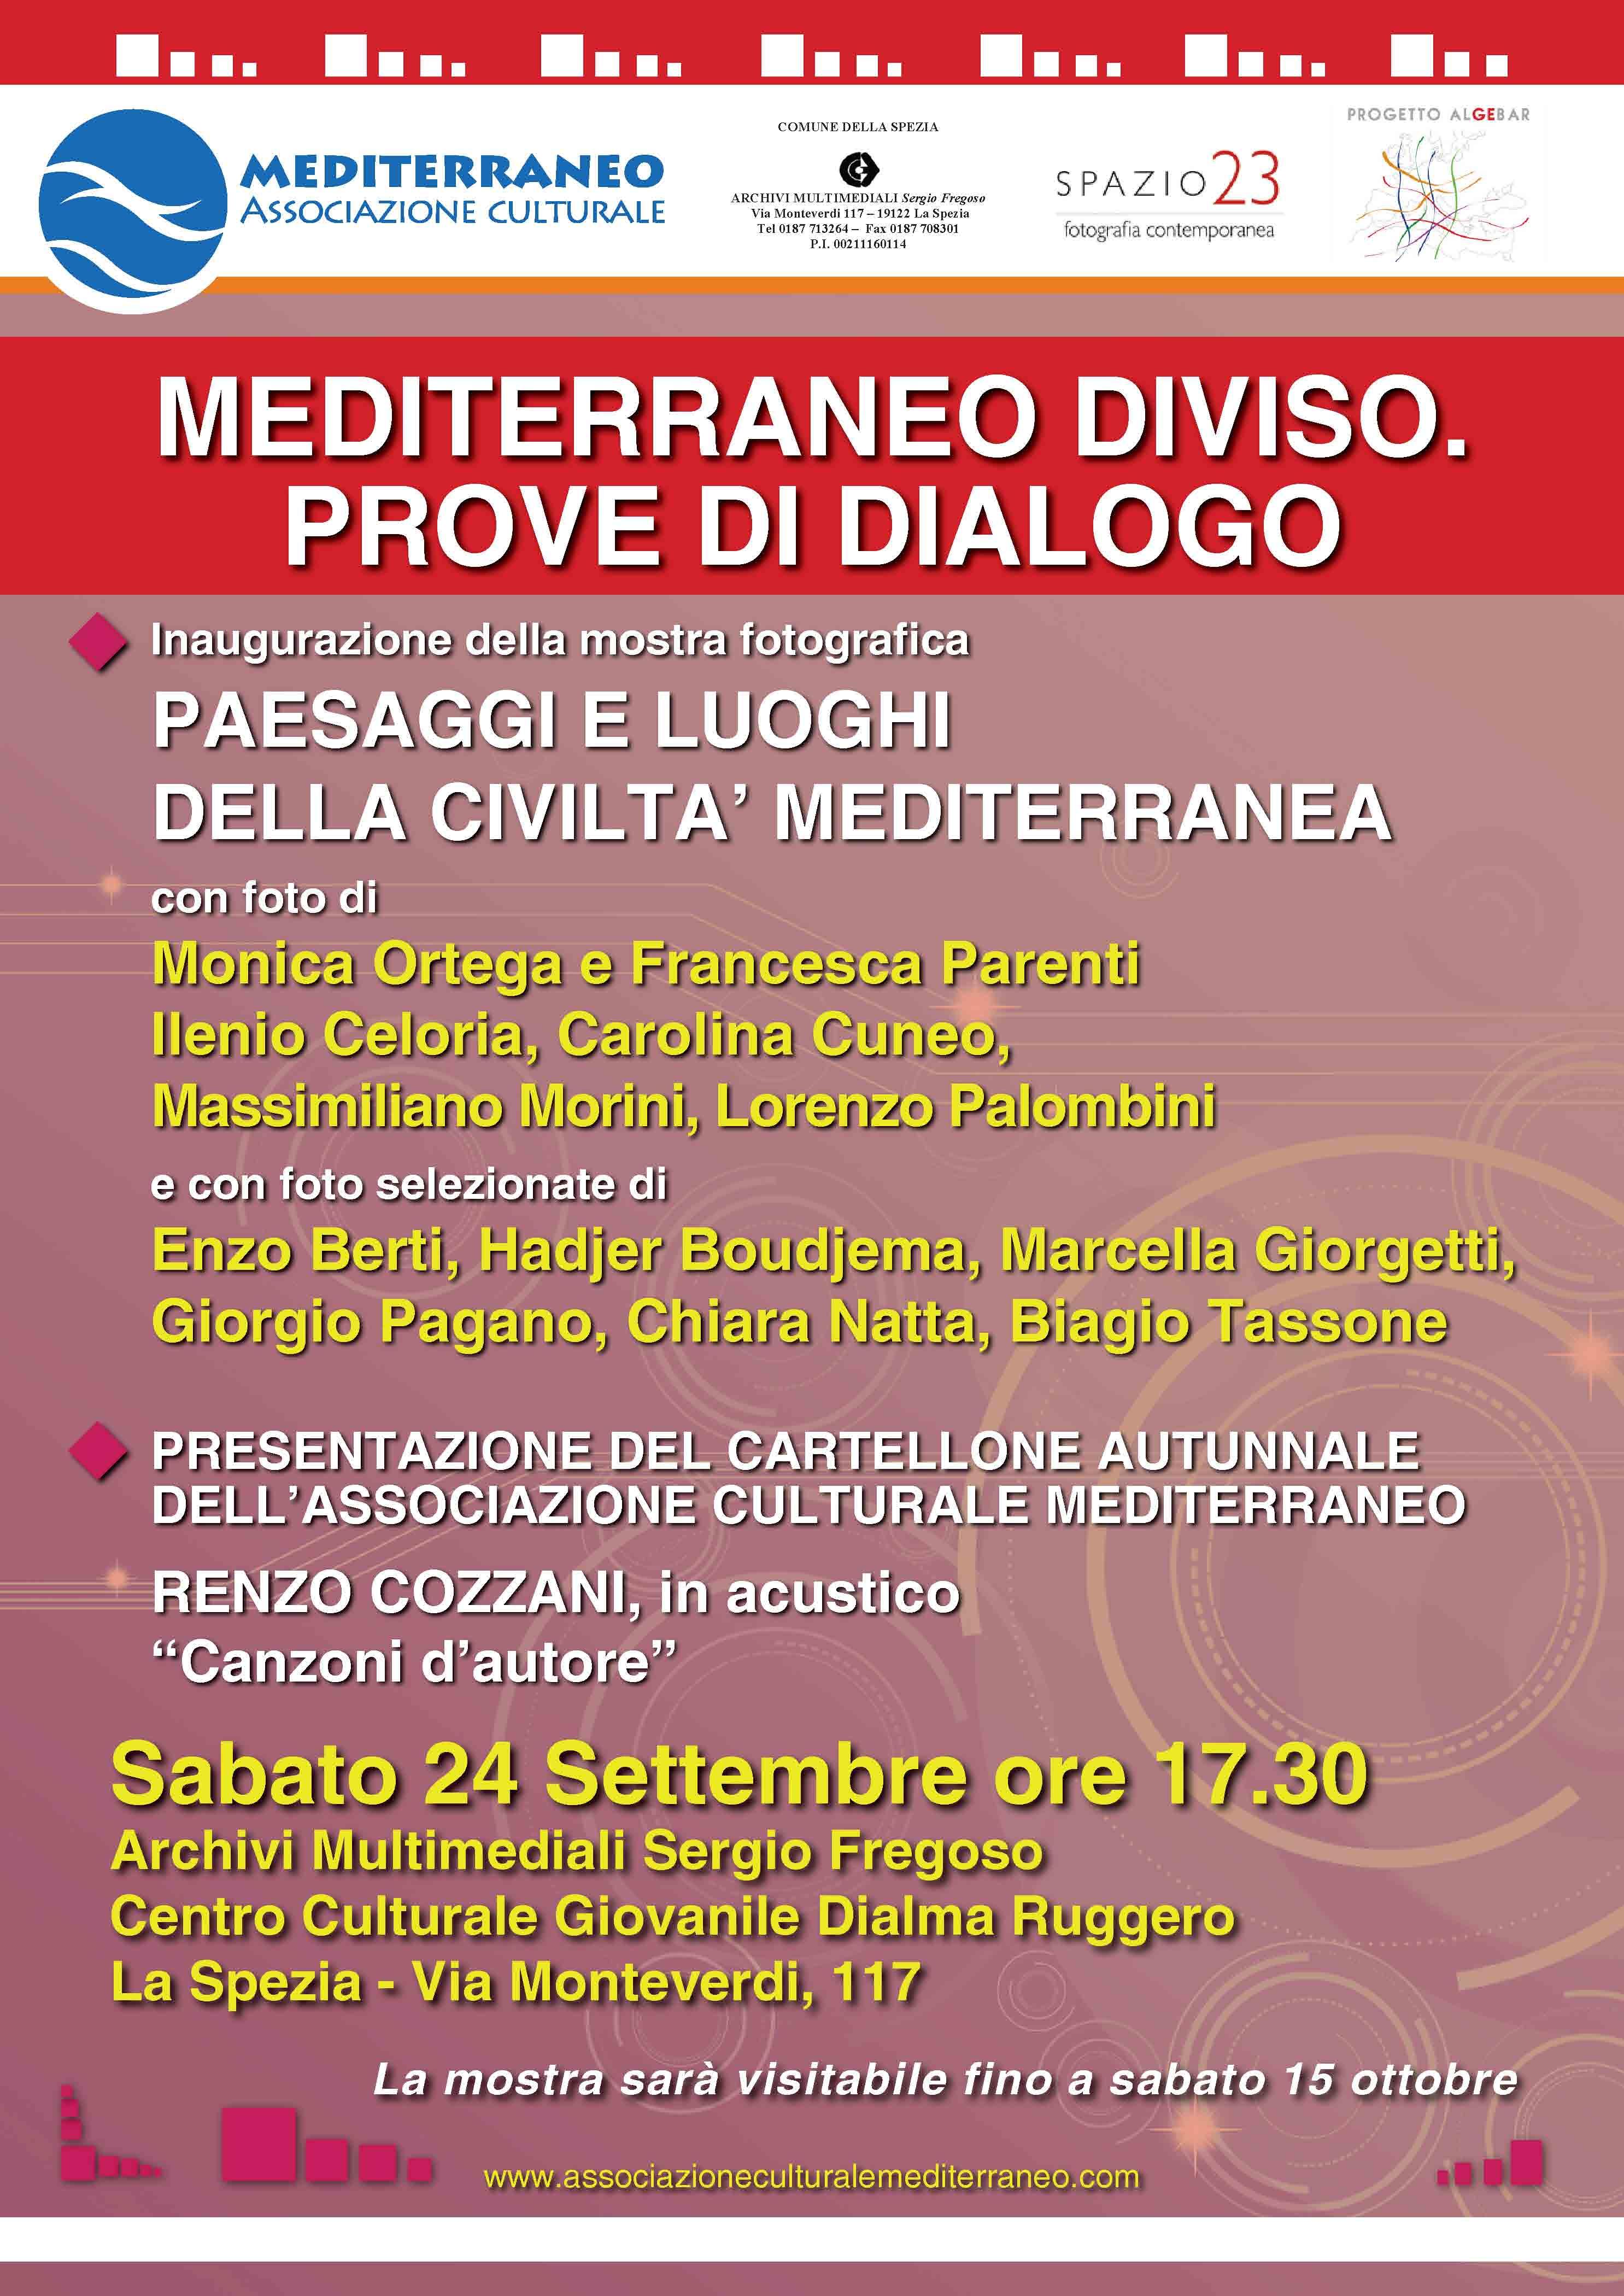 invito-24-settembre